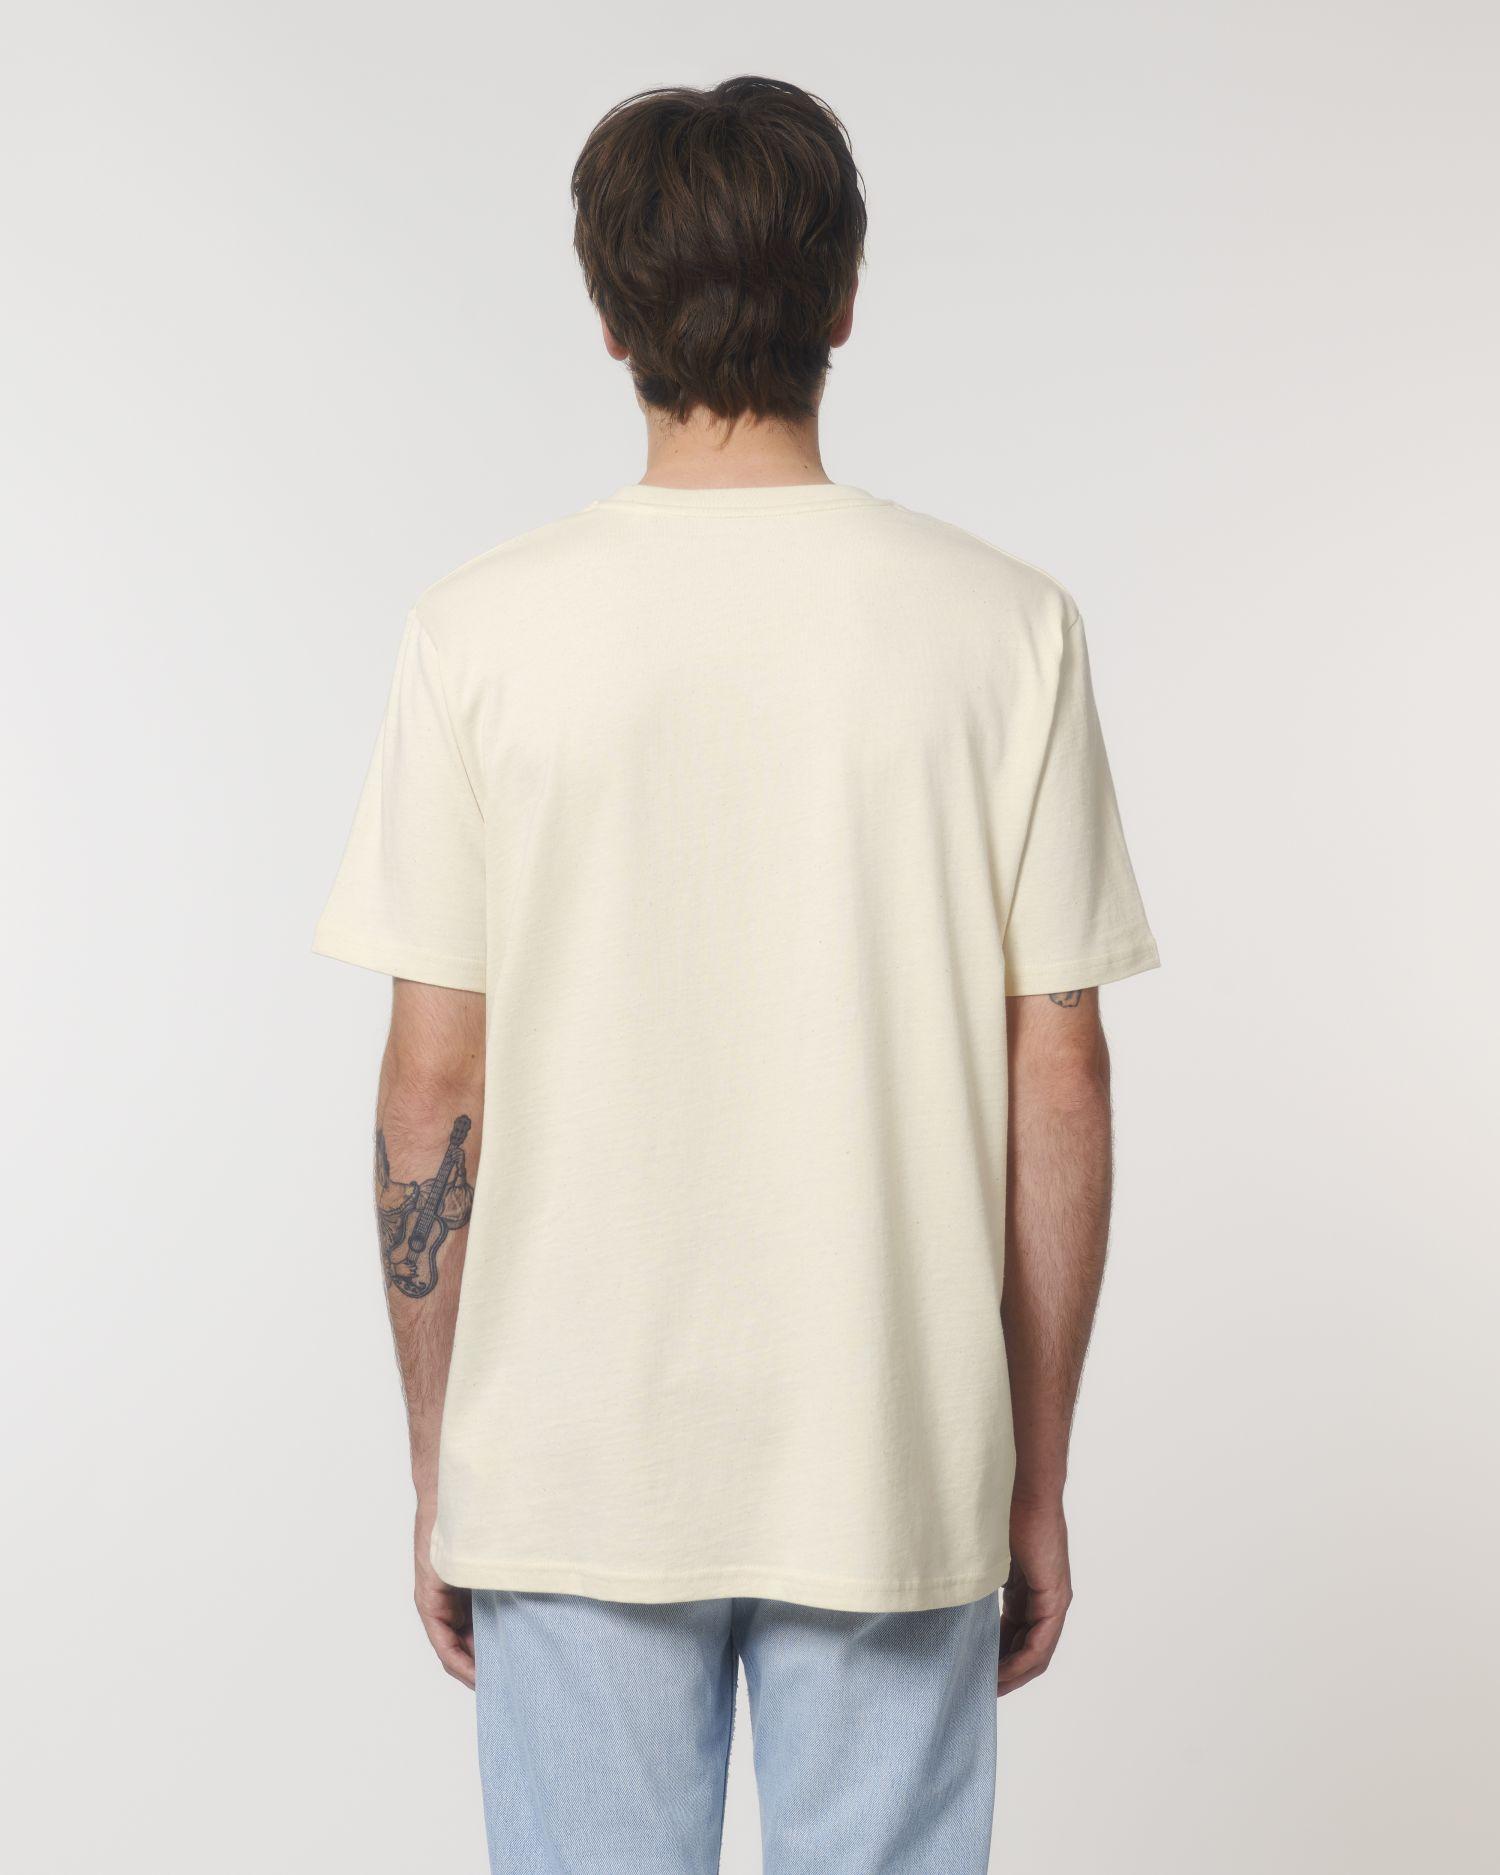 Stanley Sparker - Le T-shirt épais homme